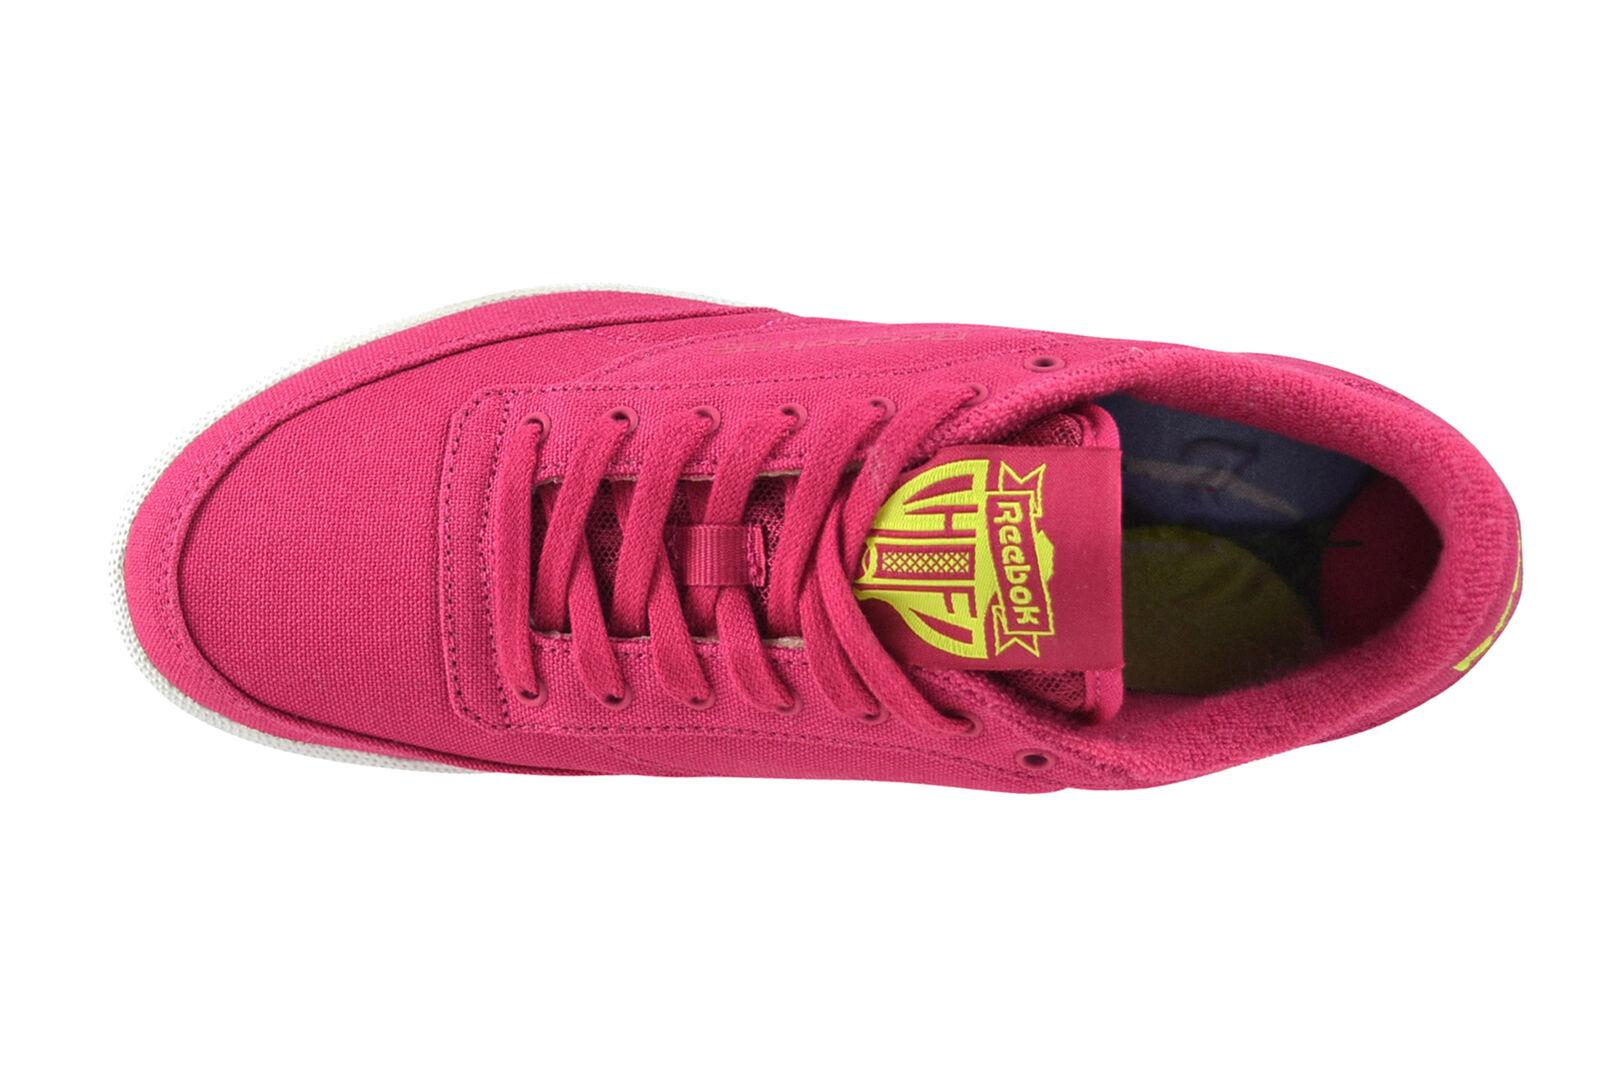 Reebok Club c85 c85 c85 eh rosa CRAZE giallo bianca scarpe da ginnastica Scarpe rosa bd2008 | Di Rango Primo Tra Prodotti Simili  a75a06